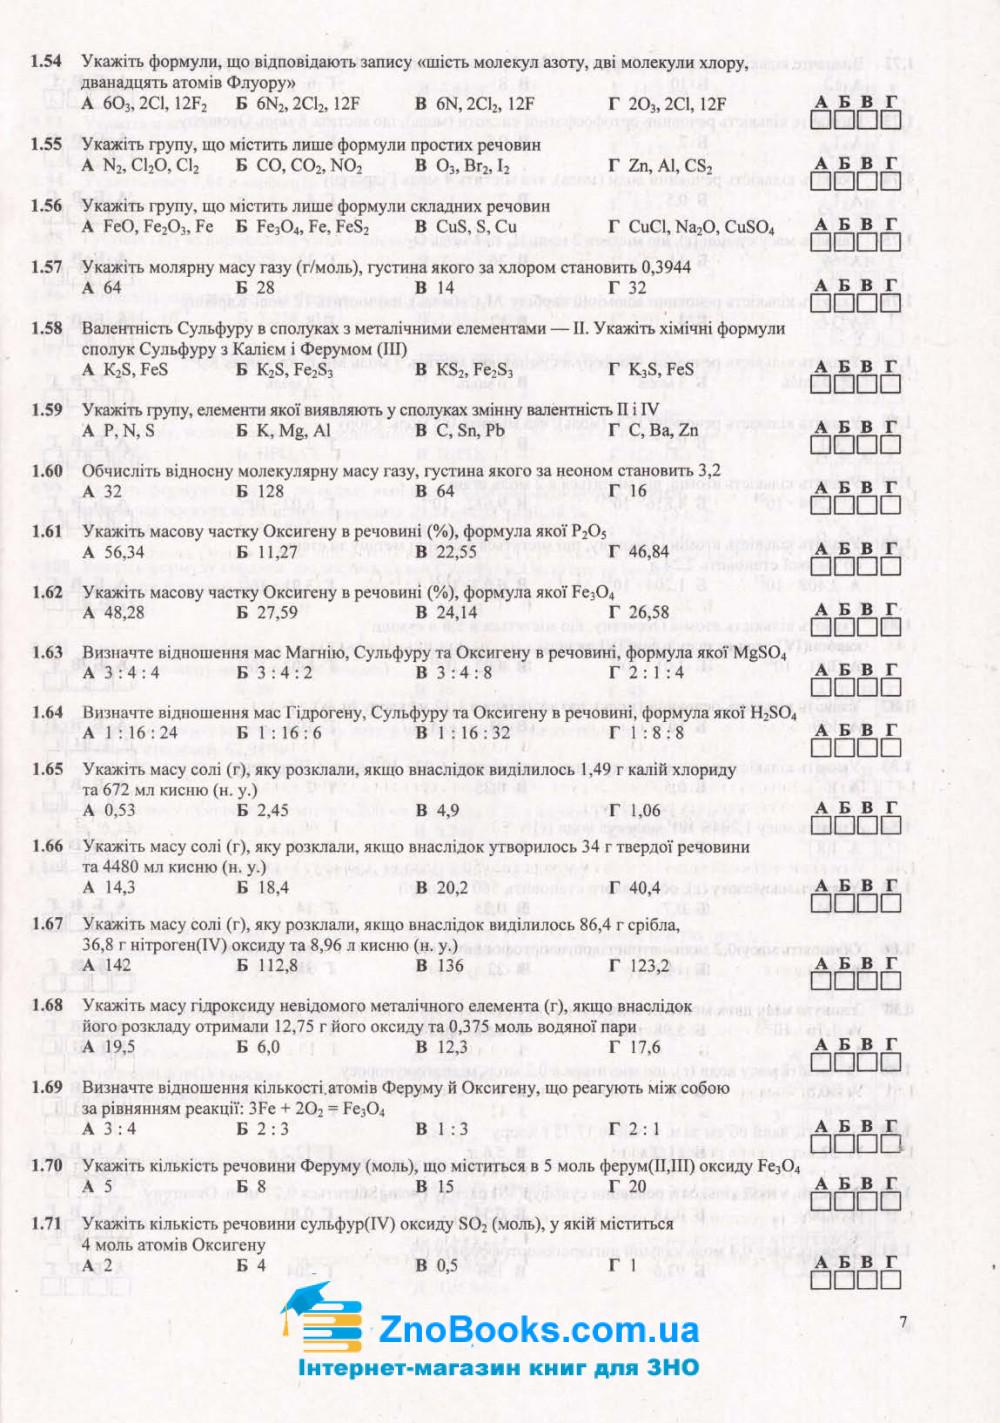 ЗНО 2020 Хімія. Збірник тестів : Березан О. Підручники і посібники. купити 7